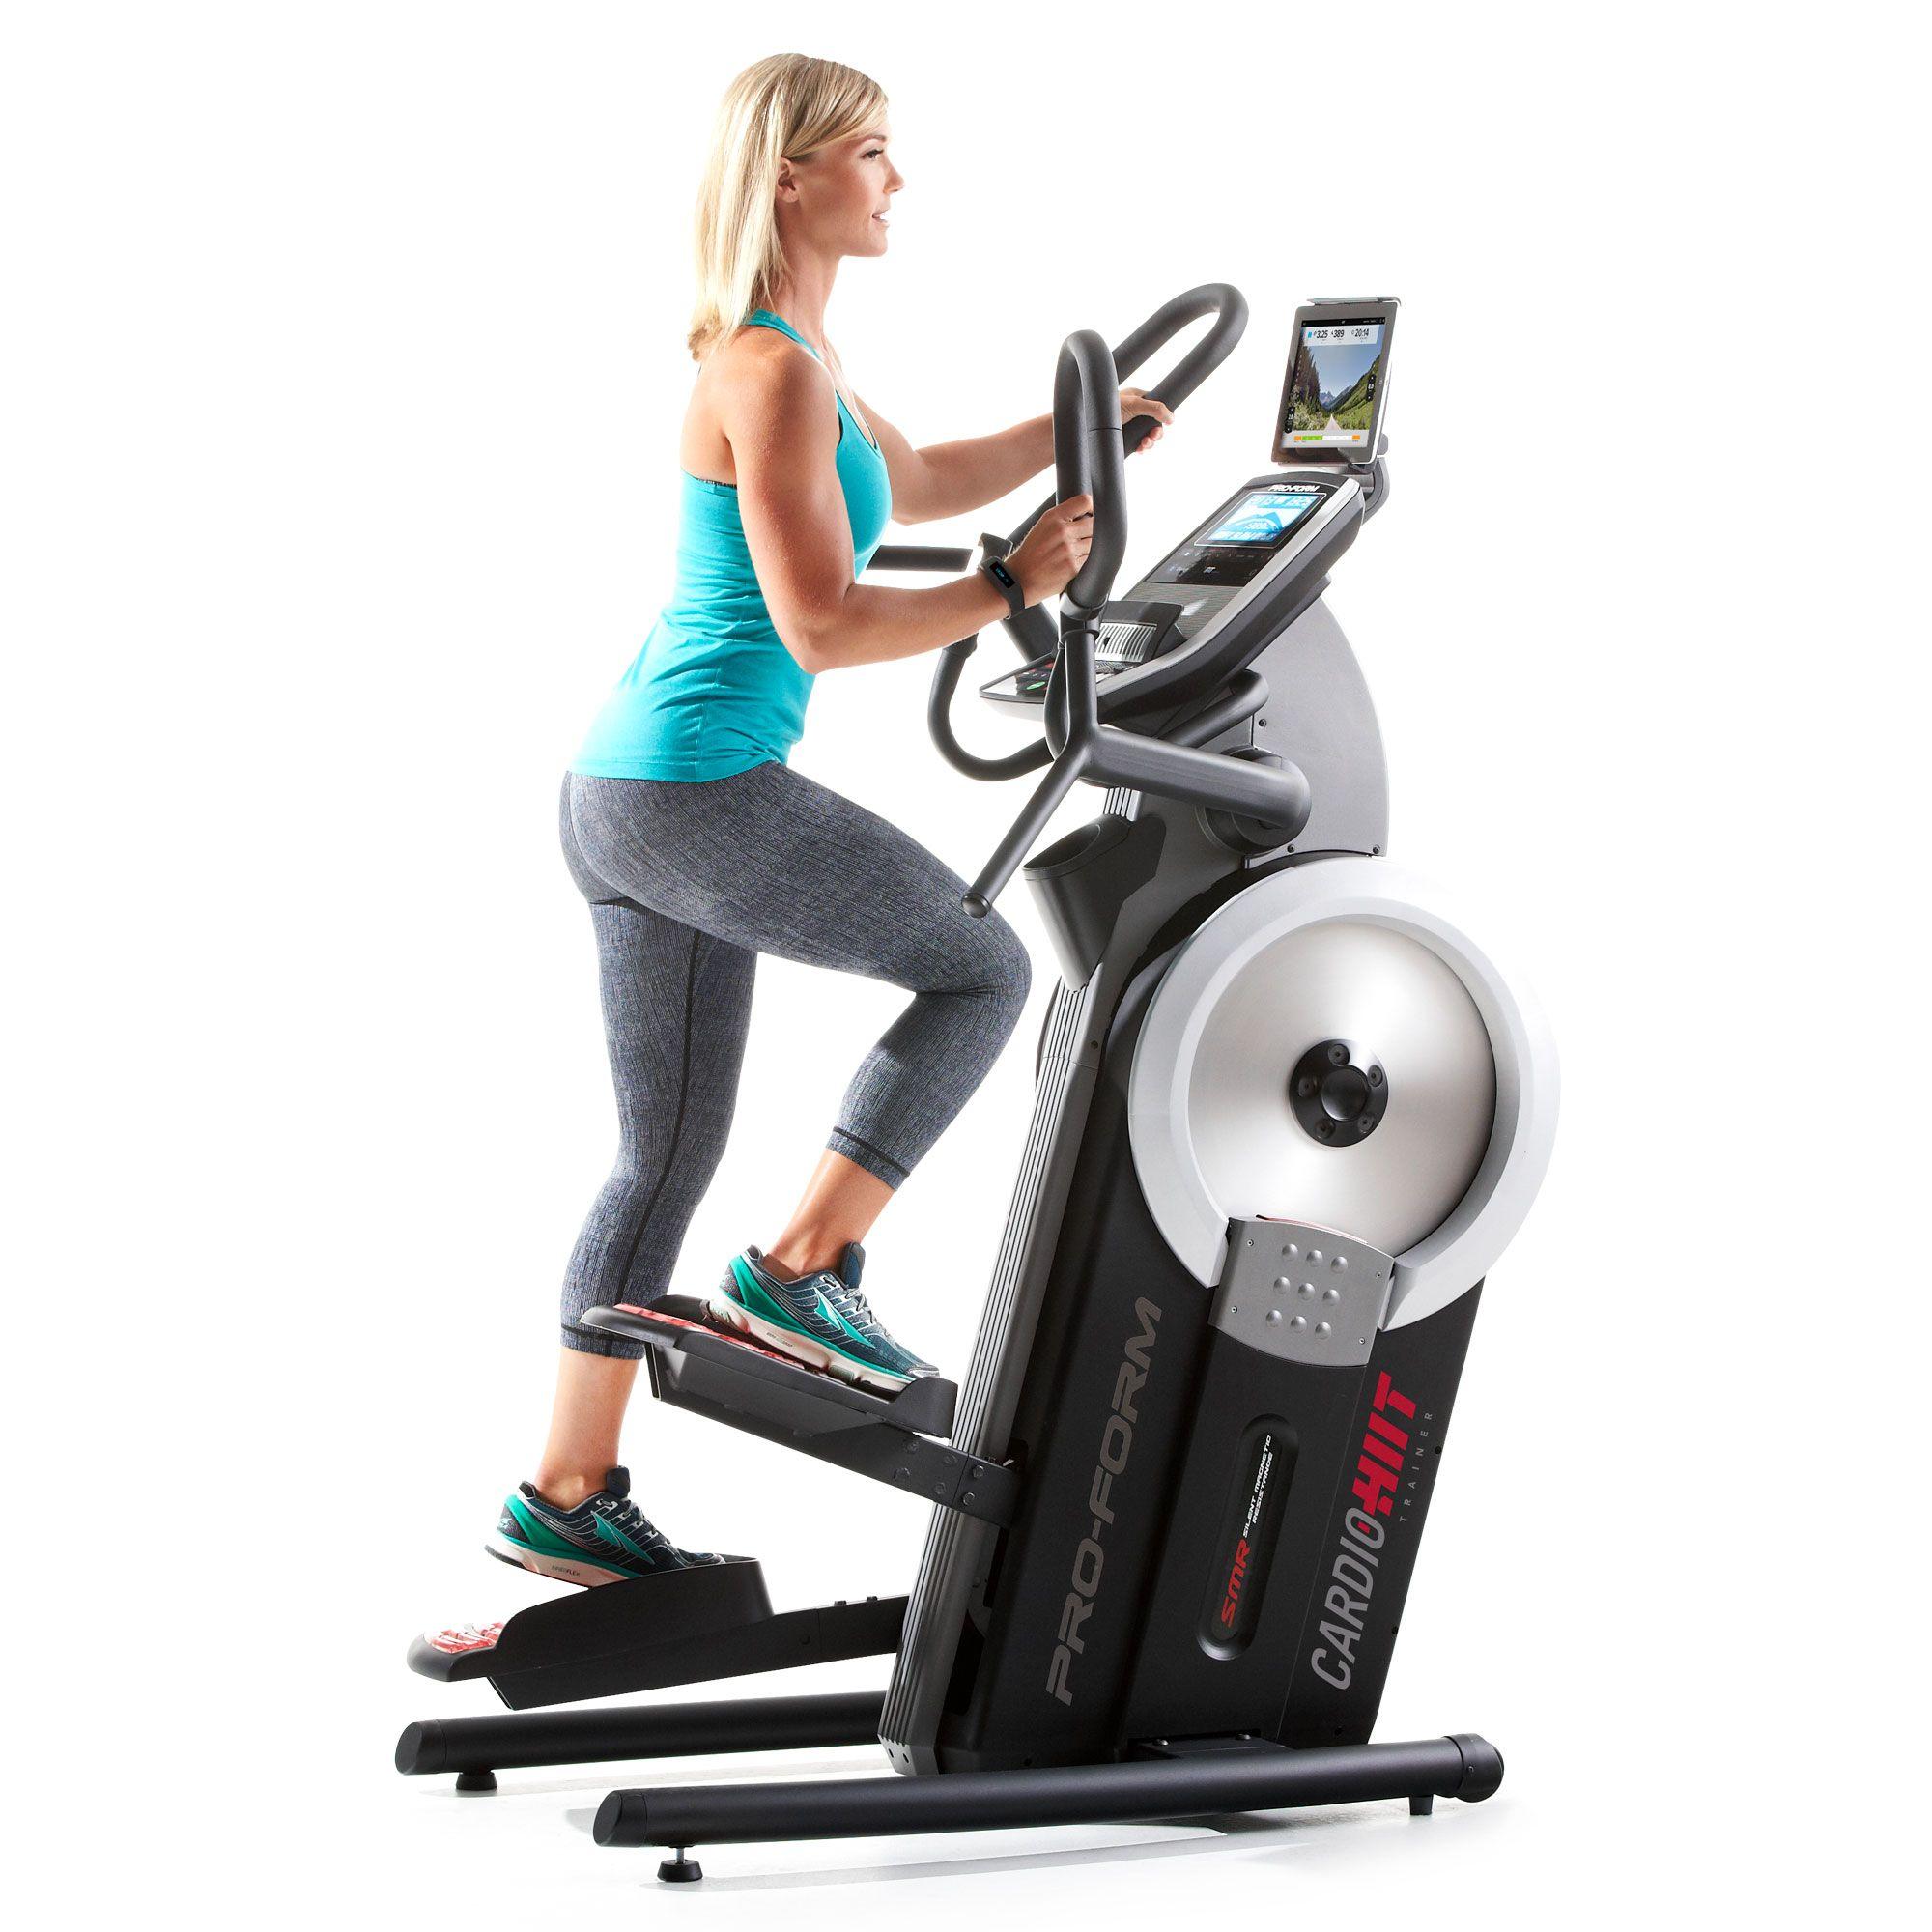 ProForm Cardio HIIT Elliptical Cross Trainer